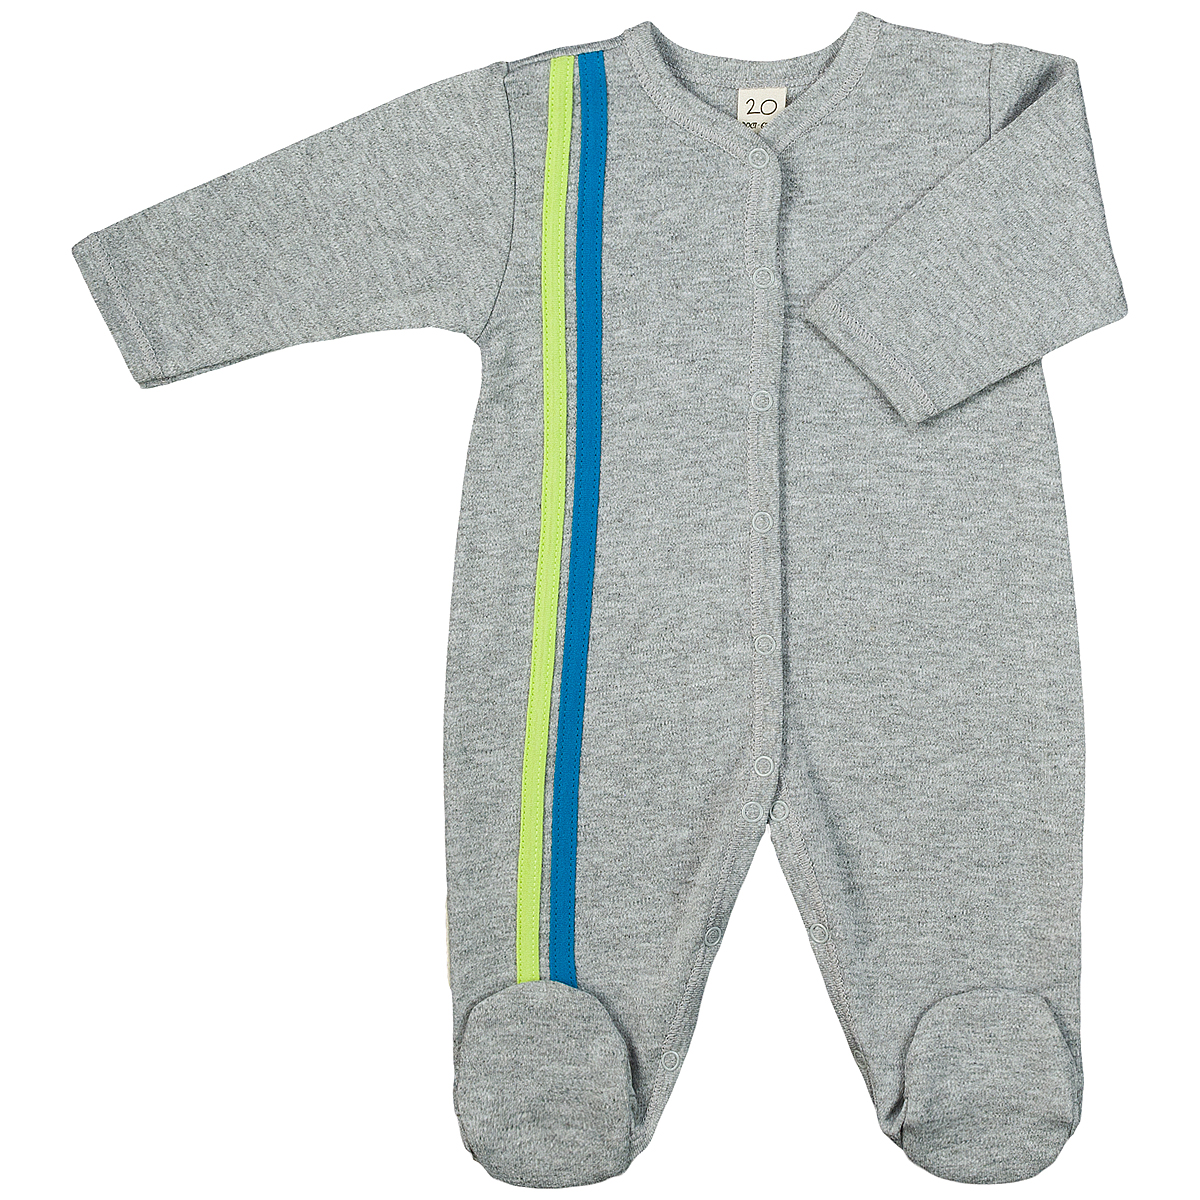 Комбинезон детский Lucky Child, цвет: серый, голубой. 1-1. Размер 50/561-1Детский комбинезон Lucky Child - очень удобный и практичный вид одежды для малышей. Комбинезон выполнен из интерлока - натурального хлопка, благодаря чему он необычайно мягкий и приятный на ощупь, не раздражают нежную кожу ребенка и хорошо вентилируются, а эластичные швы приятны телу малыша и не препятствуют его движениям. Комбинезон с длинными рукавами и закрытыми ножками имеет застежки-кнопки от горловины до щиколоток, которые помогают легко переодеть младенца или сменить подгузник. Отделкой служат лампасы контрастного цвета по боковому шву. С детским комбинезоном Lucky Child спинка и ножки вашего малыша всегда будут в тепле, он идеален для использования днем и незаменим ночью. Комбинезон полностью соответствует особенностям жизни младенца в ранний период, не стесняя и не ограничивая его в движениях!